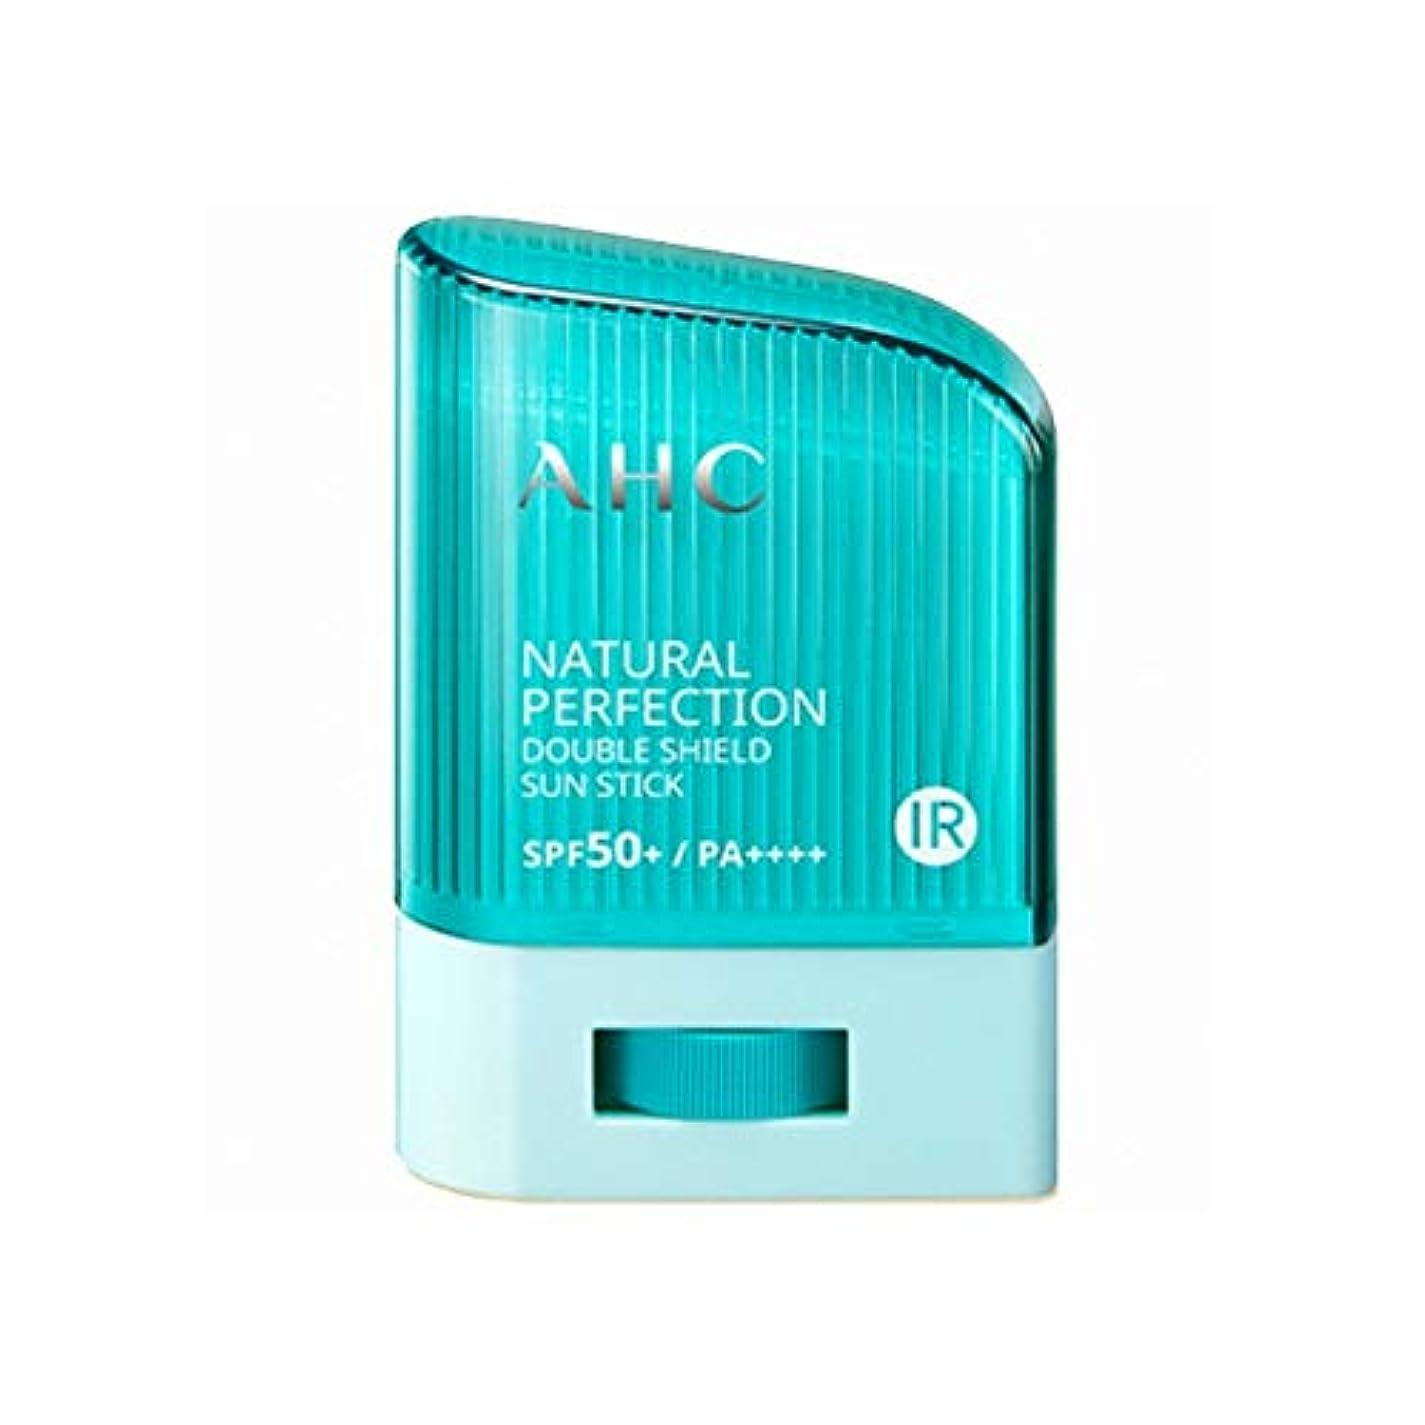 経済的雑多なフロントAHC ナチュラルパーフェクションダブルシールドサンスティック 14g, Natural Perfection Double Shield Sun Stick SPF50+ PA++++ A.H.C